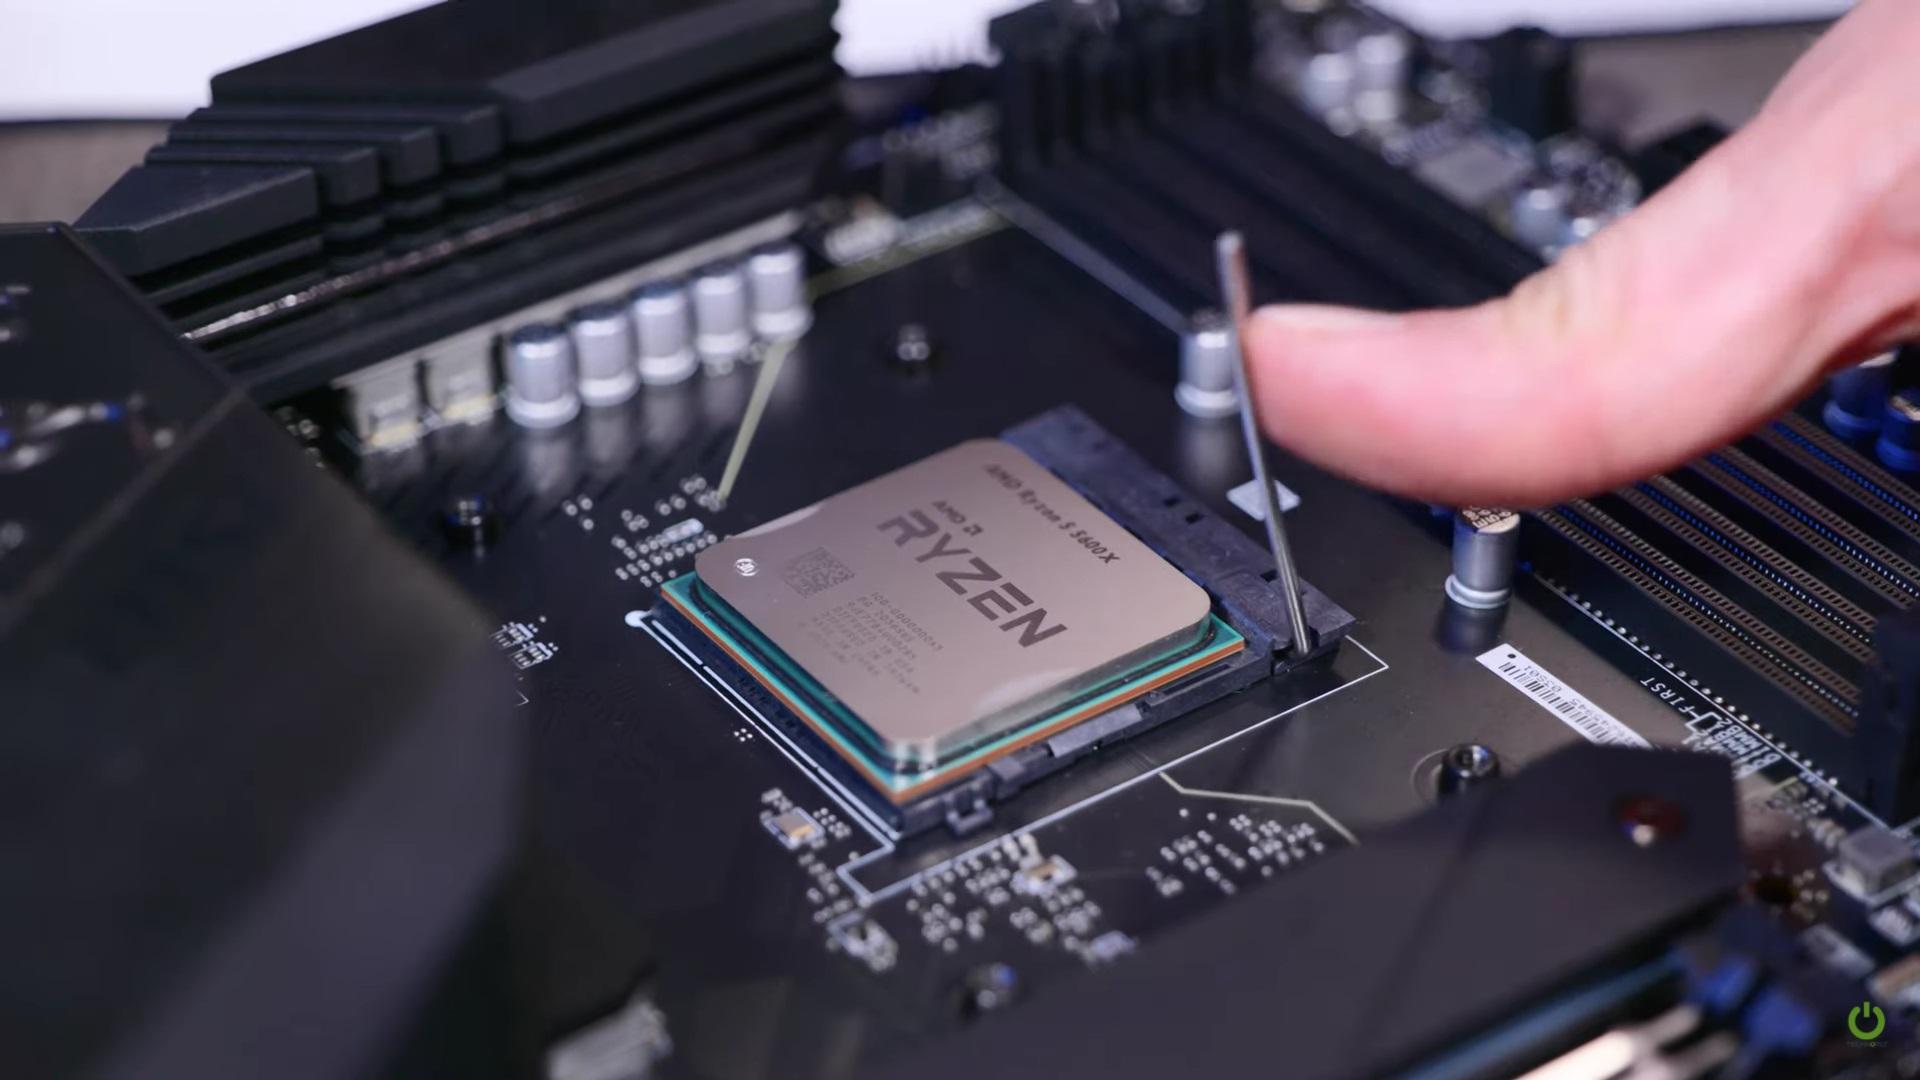 www.technopat.net